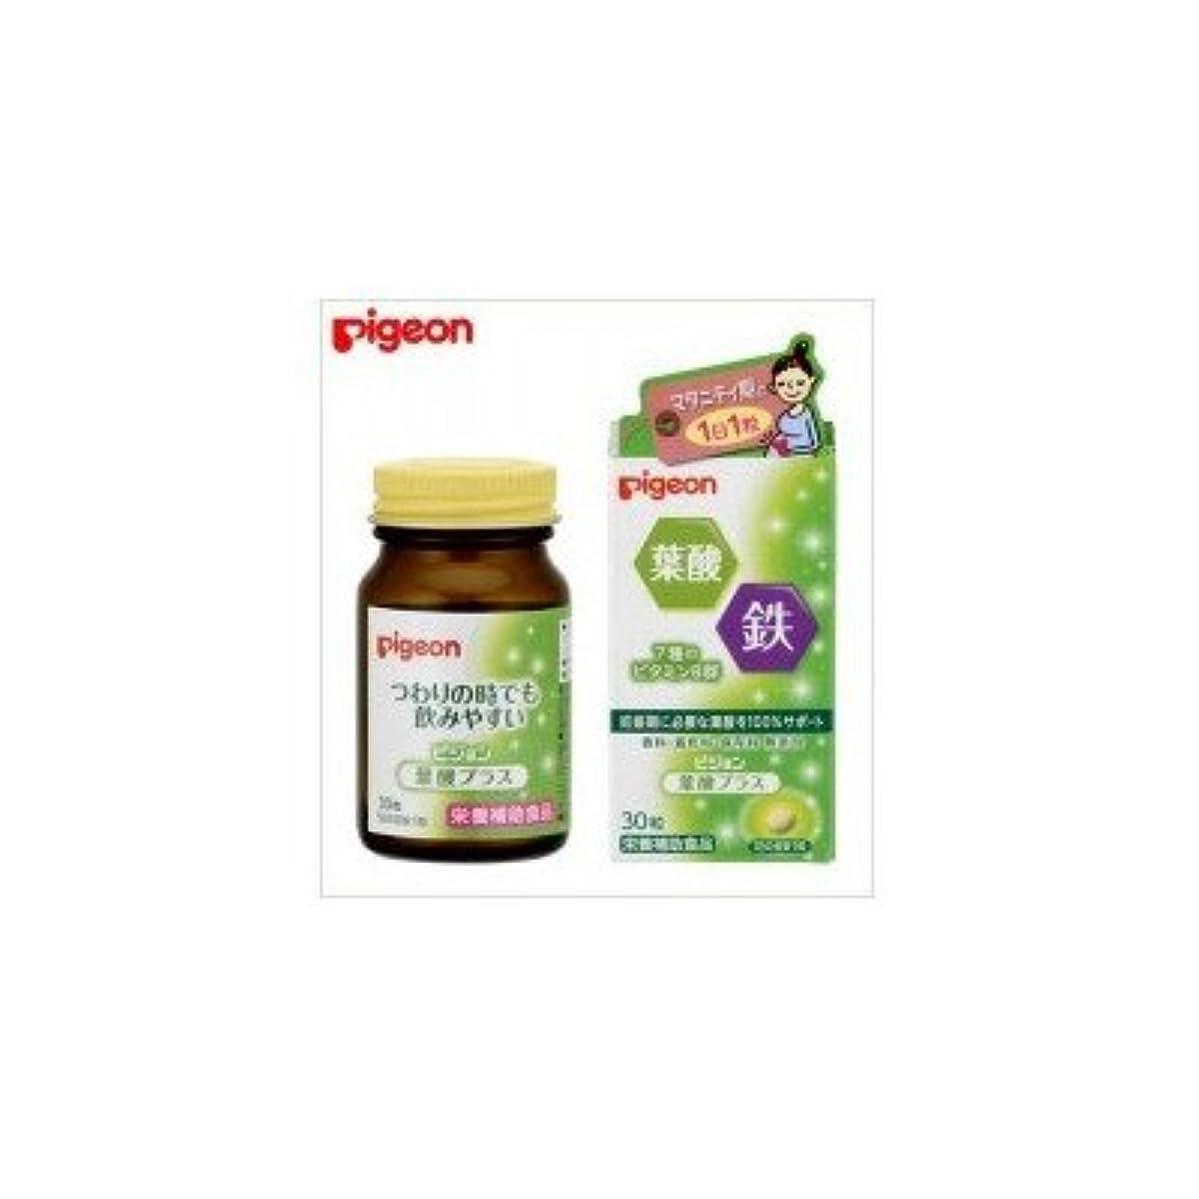 袋平行喜びPigeon(ピジョン) サプリメント 栄養補助食品 葉酸プラス 30粒(錠剤) 20390